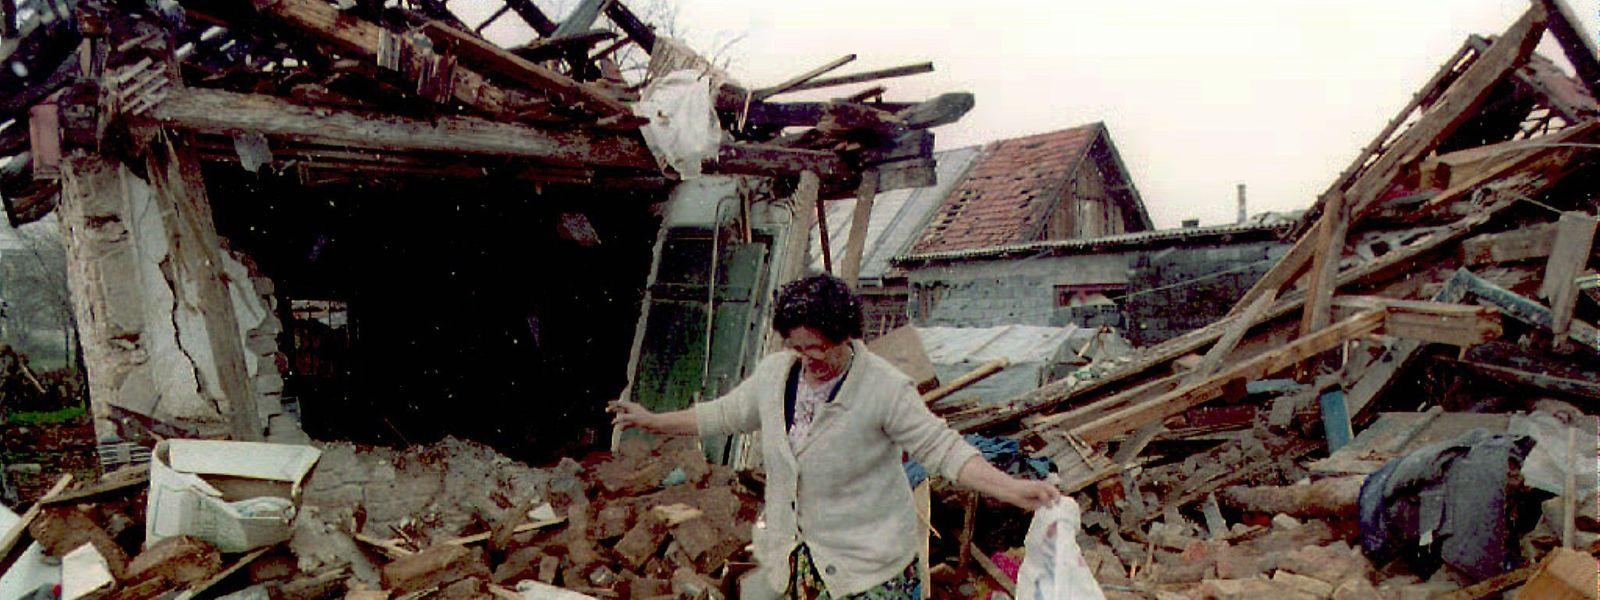 In Sarajevo suchte die bosnische Muslima Ziba Suba im April 1995 in den Trümmern ihres bei einem serbischen Angriff zerstörten Wohnhauses nach den letzten Habseligkeiten.